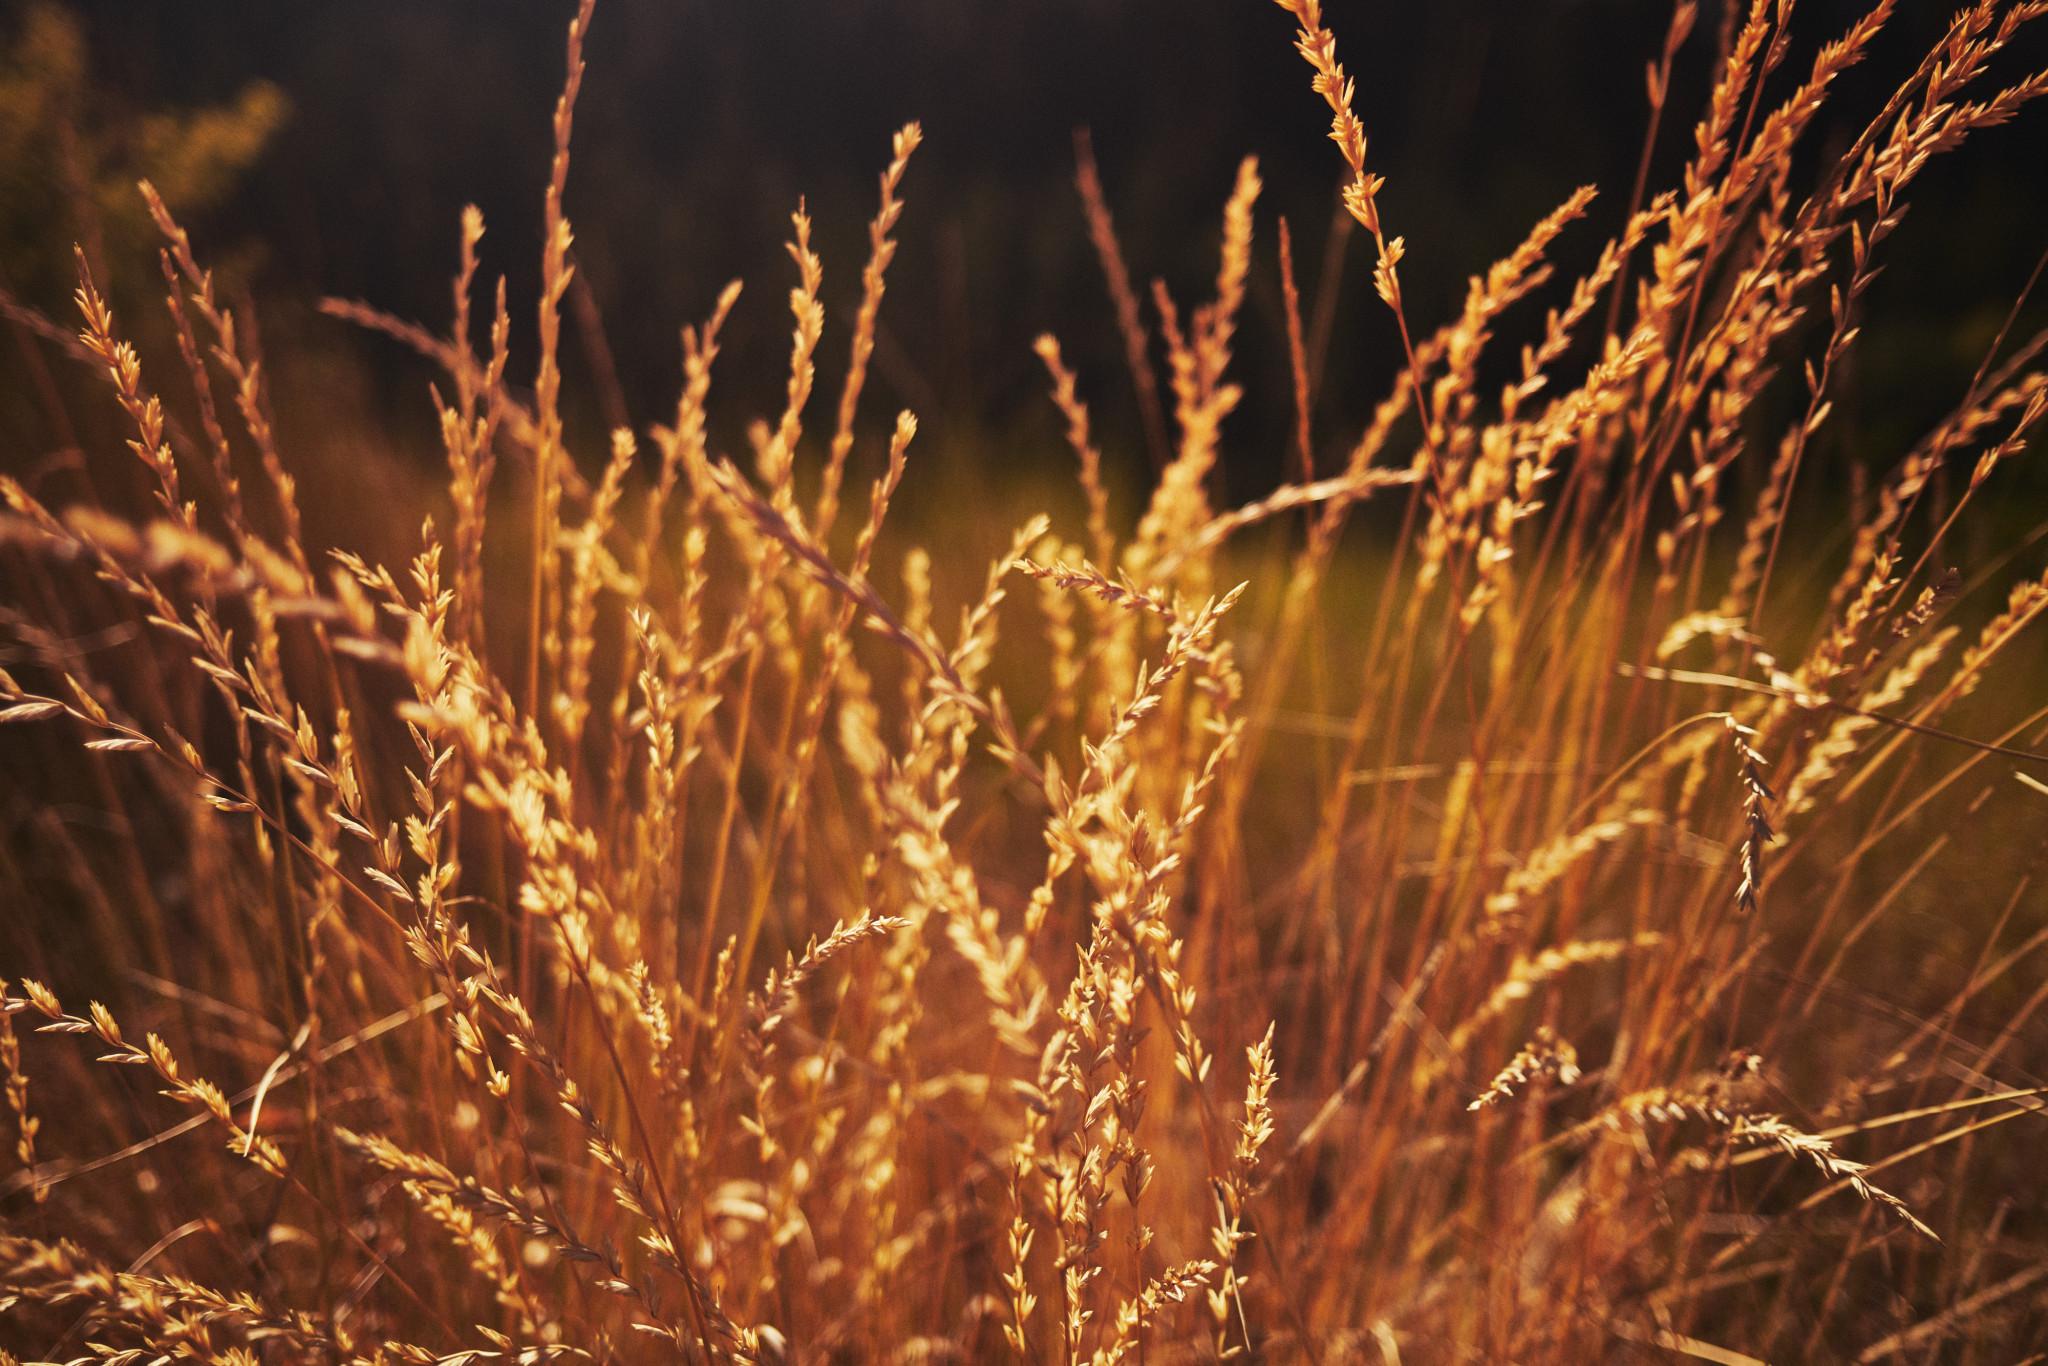 00-Grass.jpg